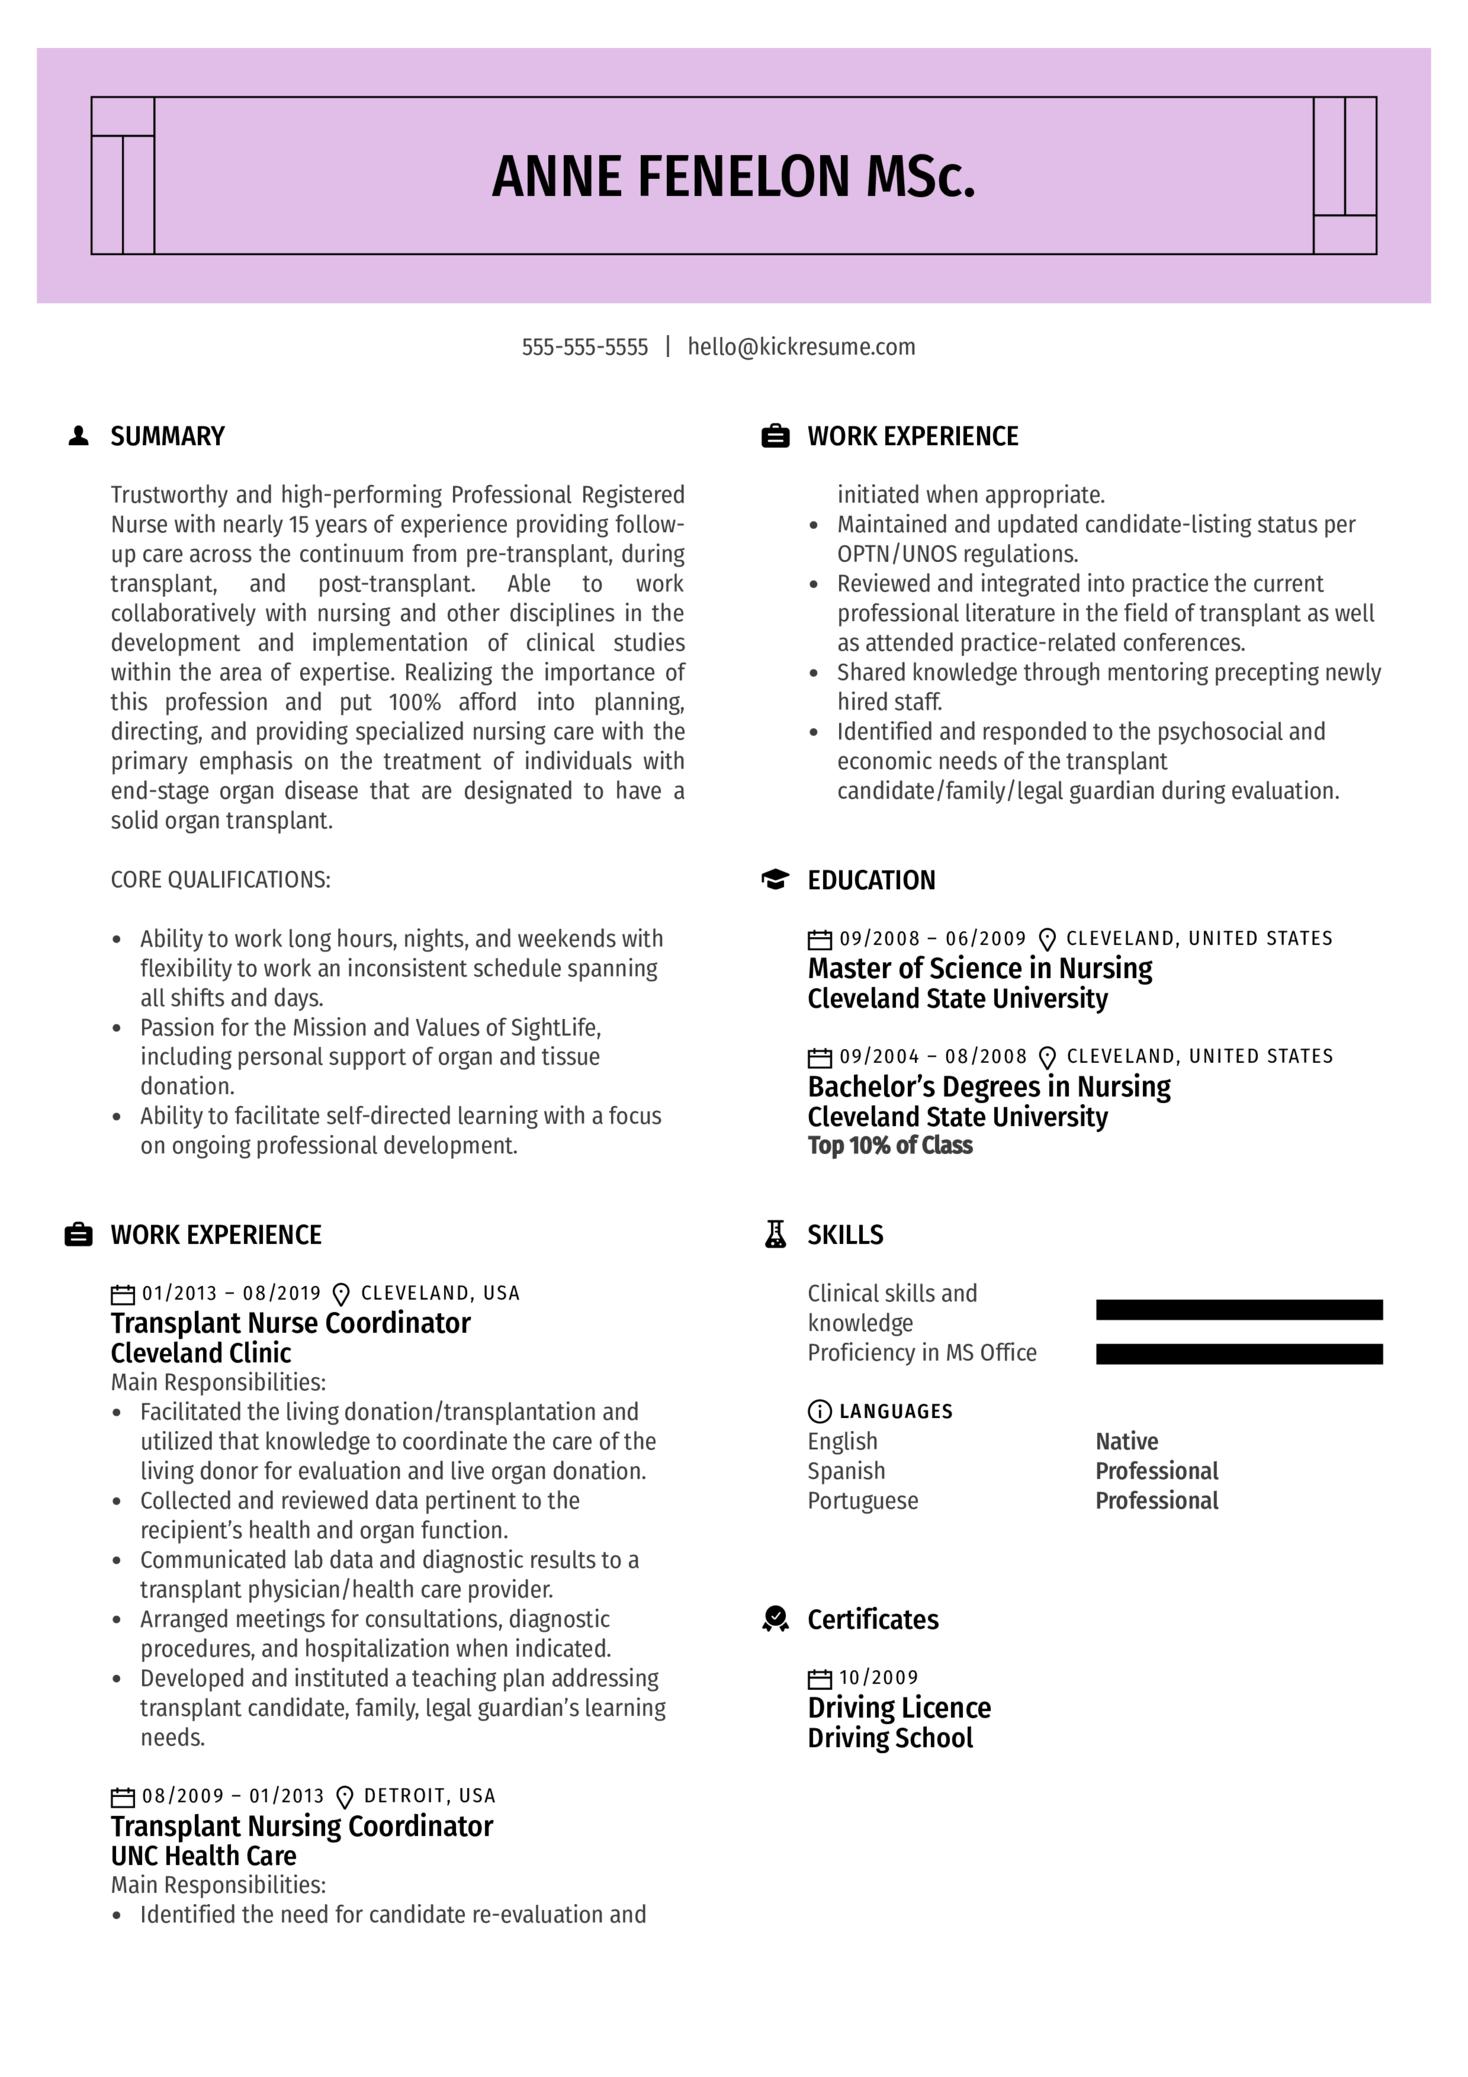 Transplant Nurse Coordinator Resume Example